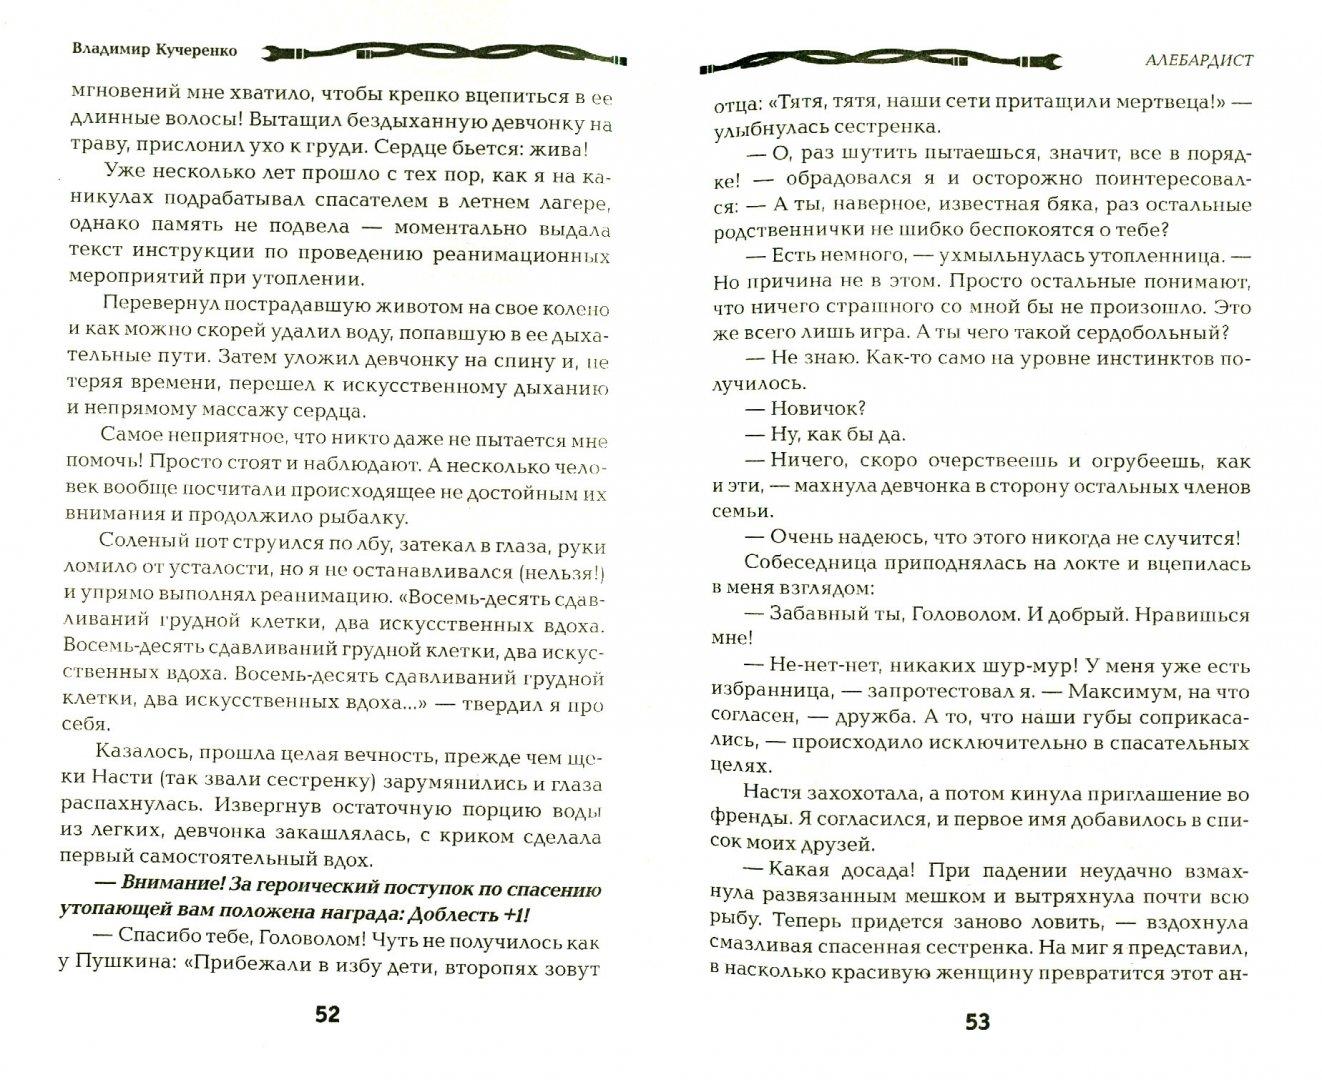 Иллюстрация 1 из 5 для Алебардист - Владимир Кучеренко   Лабиринт - книги. Источник: Лабиринт